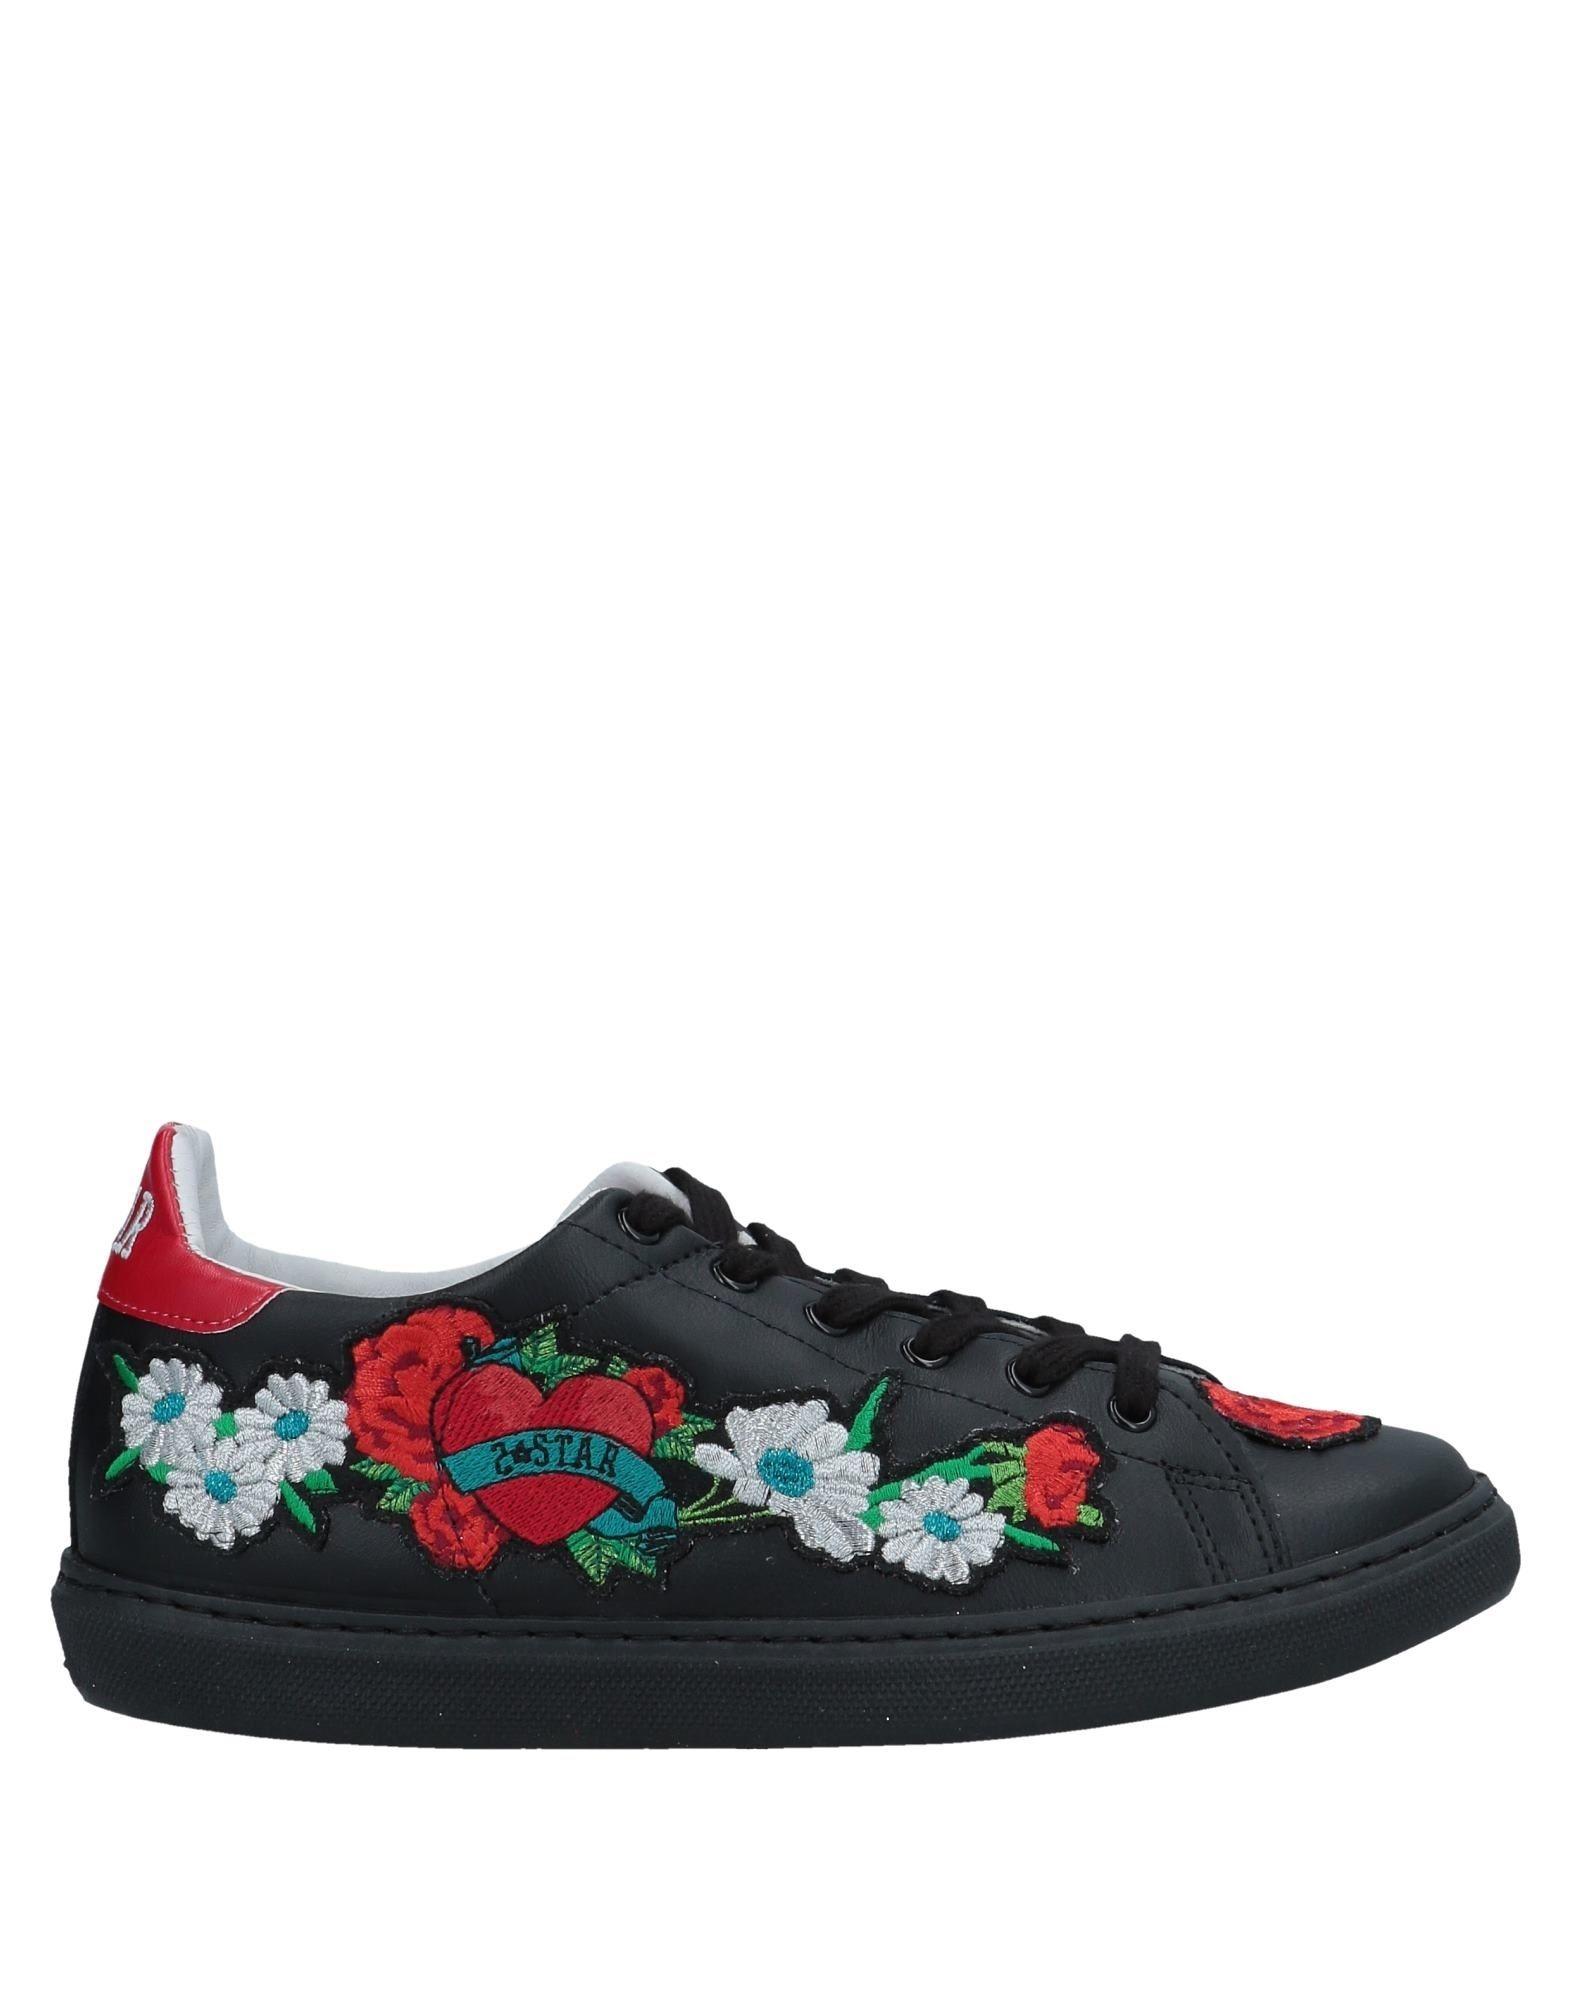 2Star Sneakers Damen  11549915SU Gute Qualität beliebte Schuhe